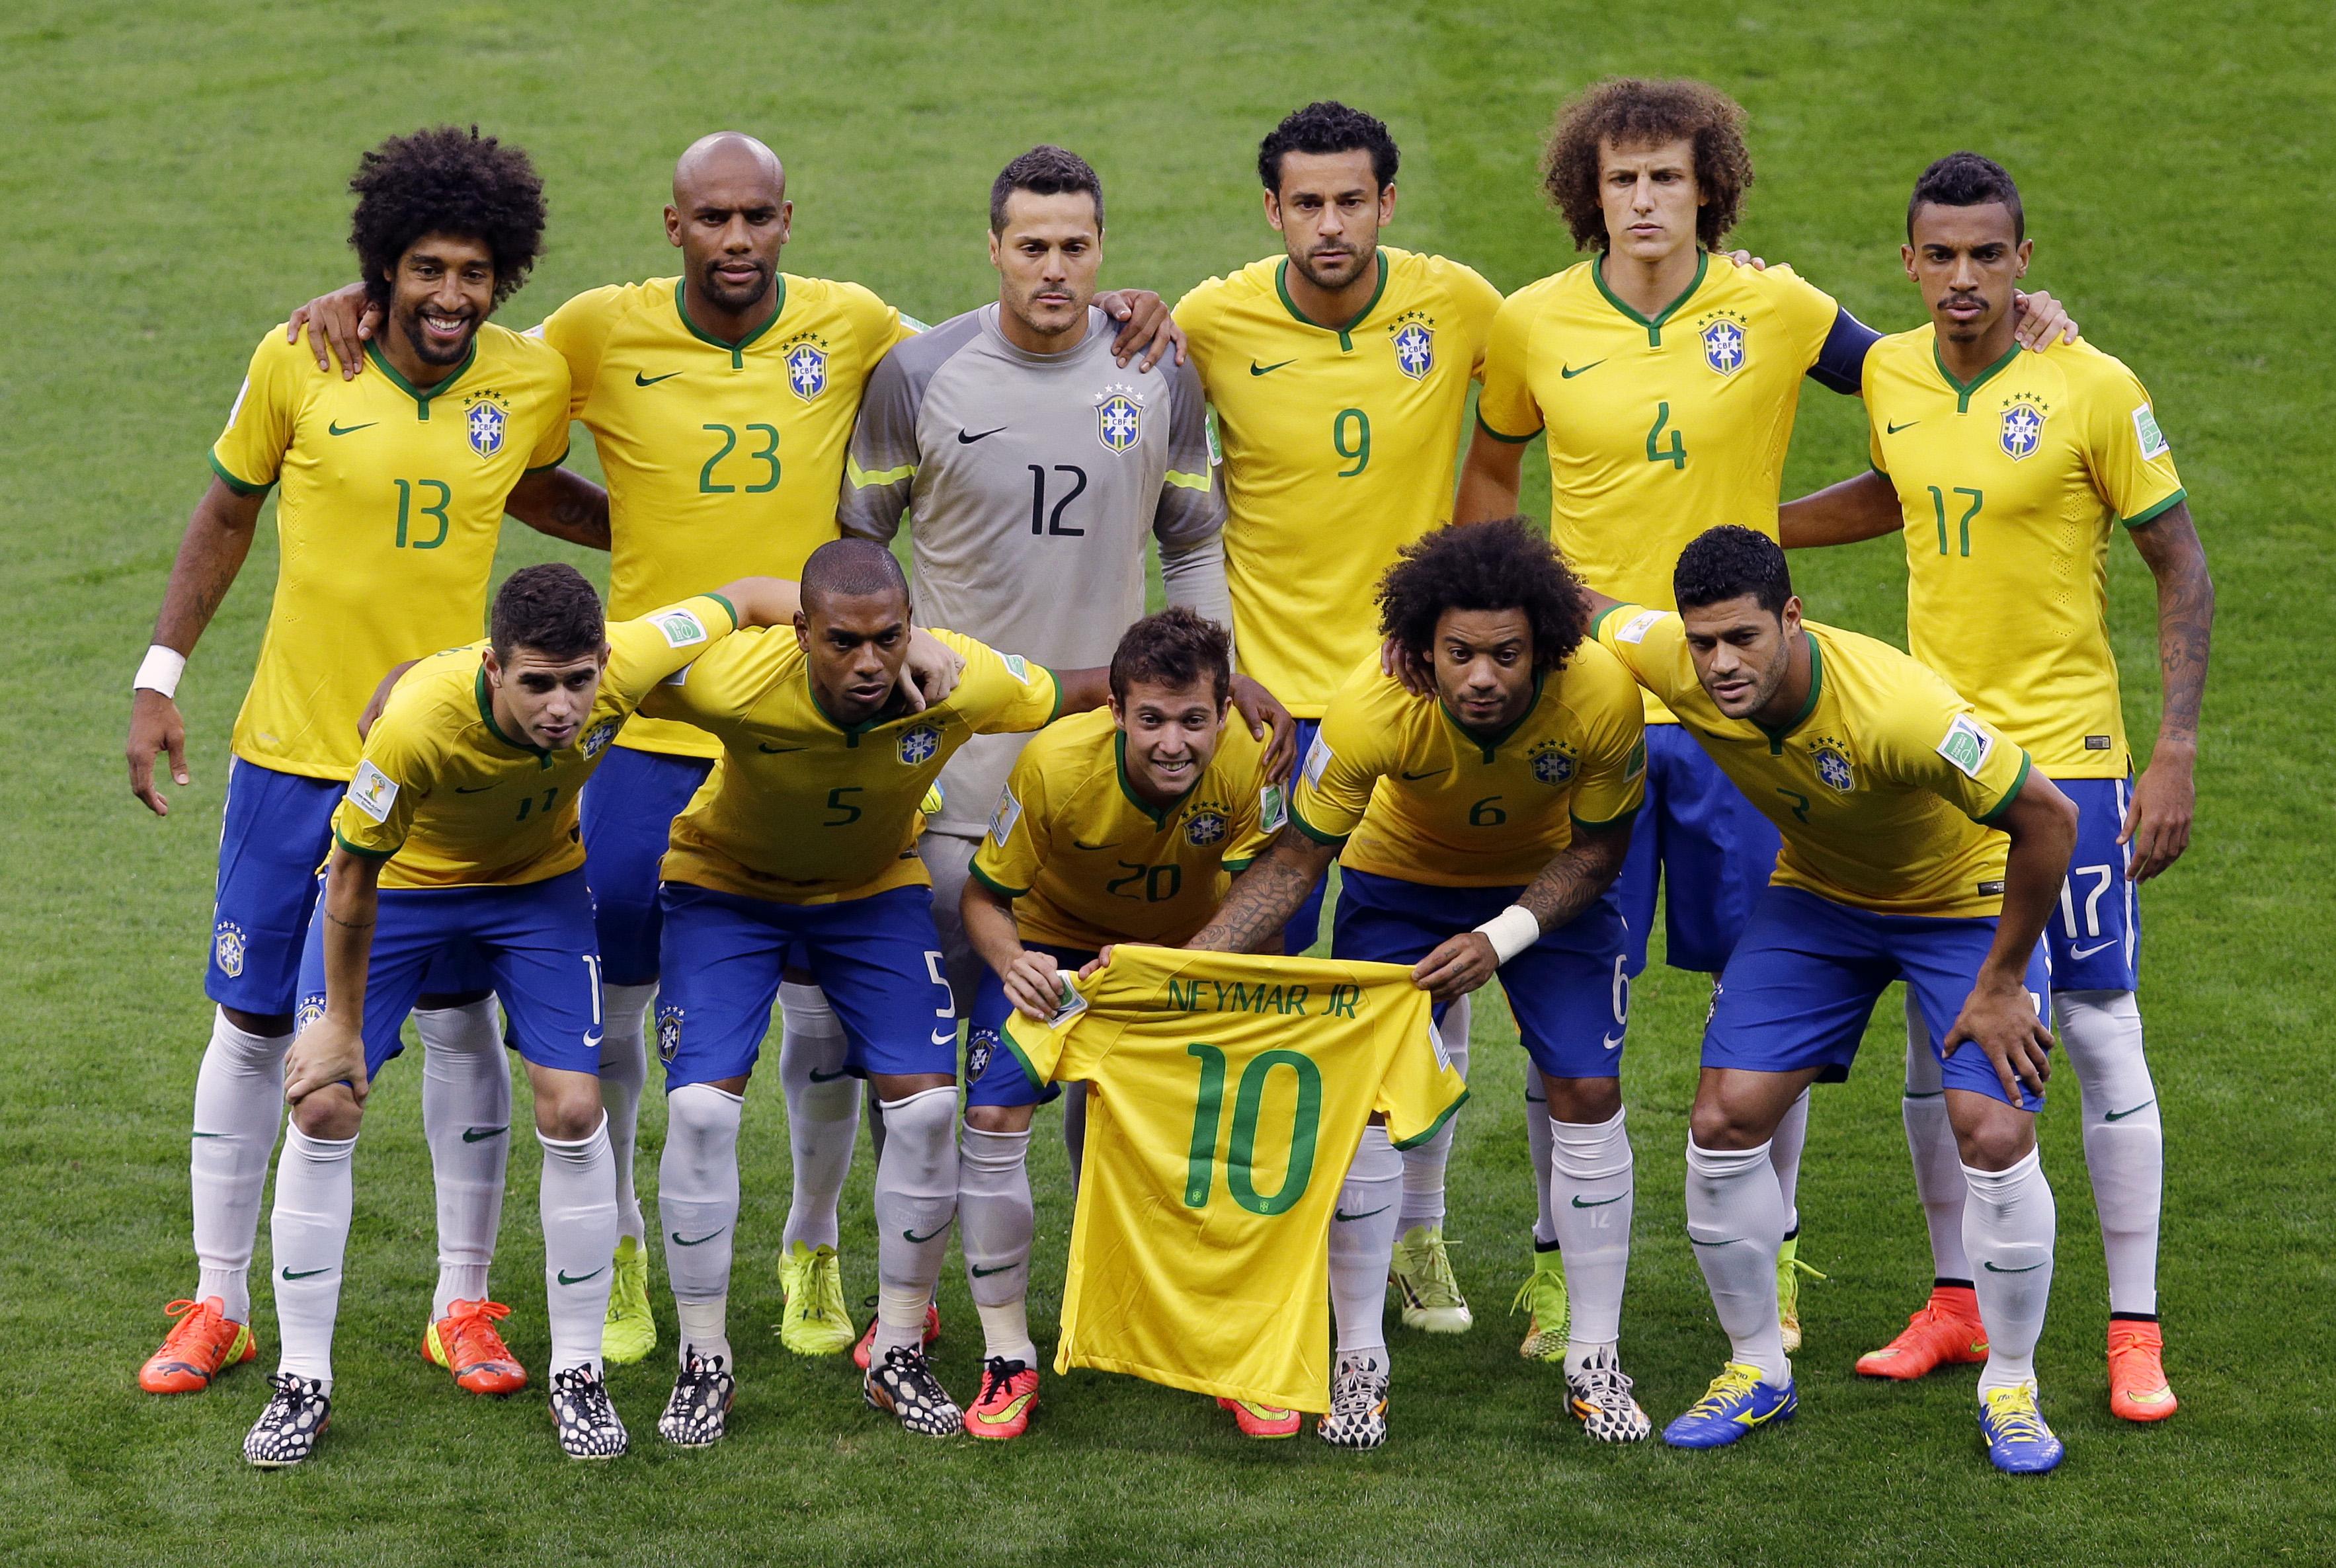 EBC | Seleção faz homenagem a Neymar ao entrar em campo ...